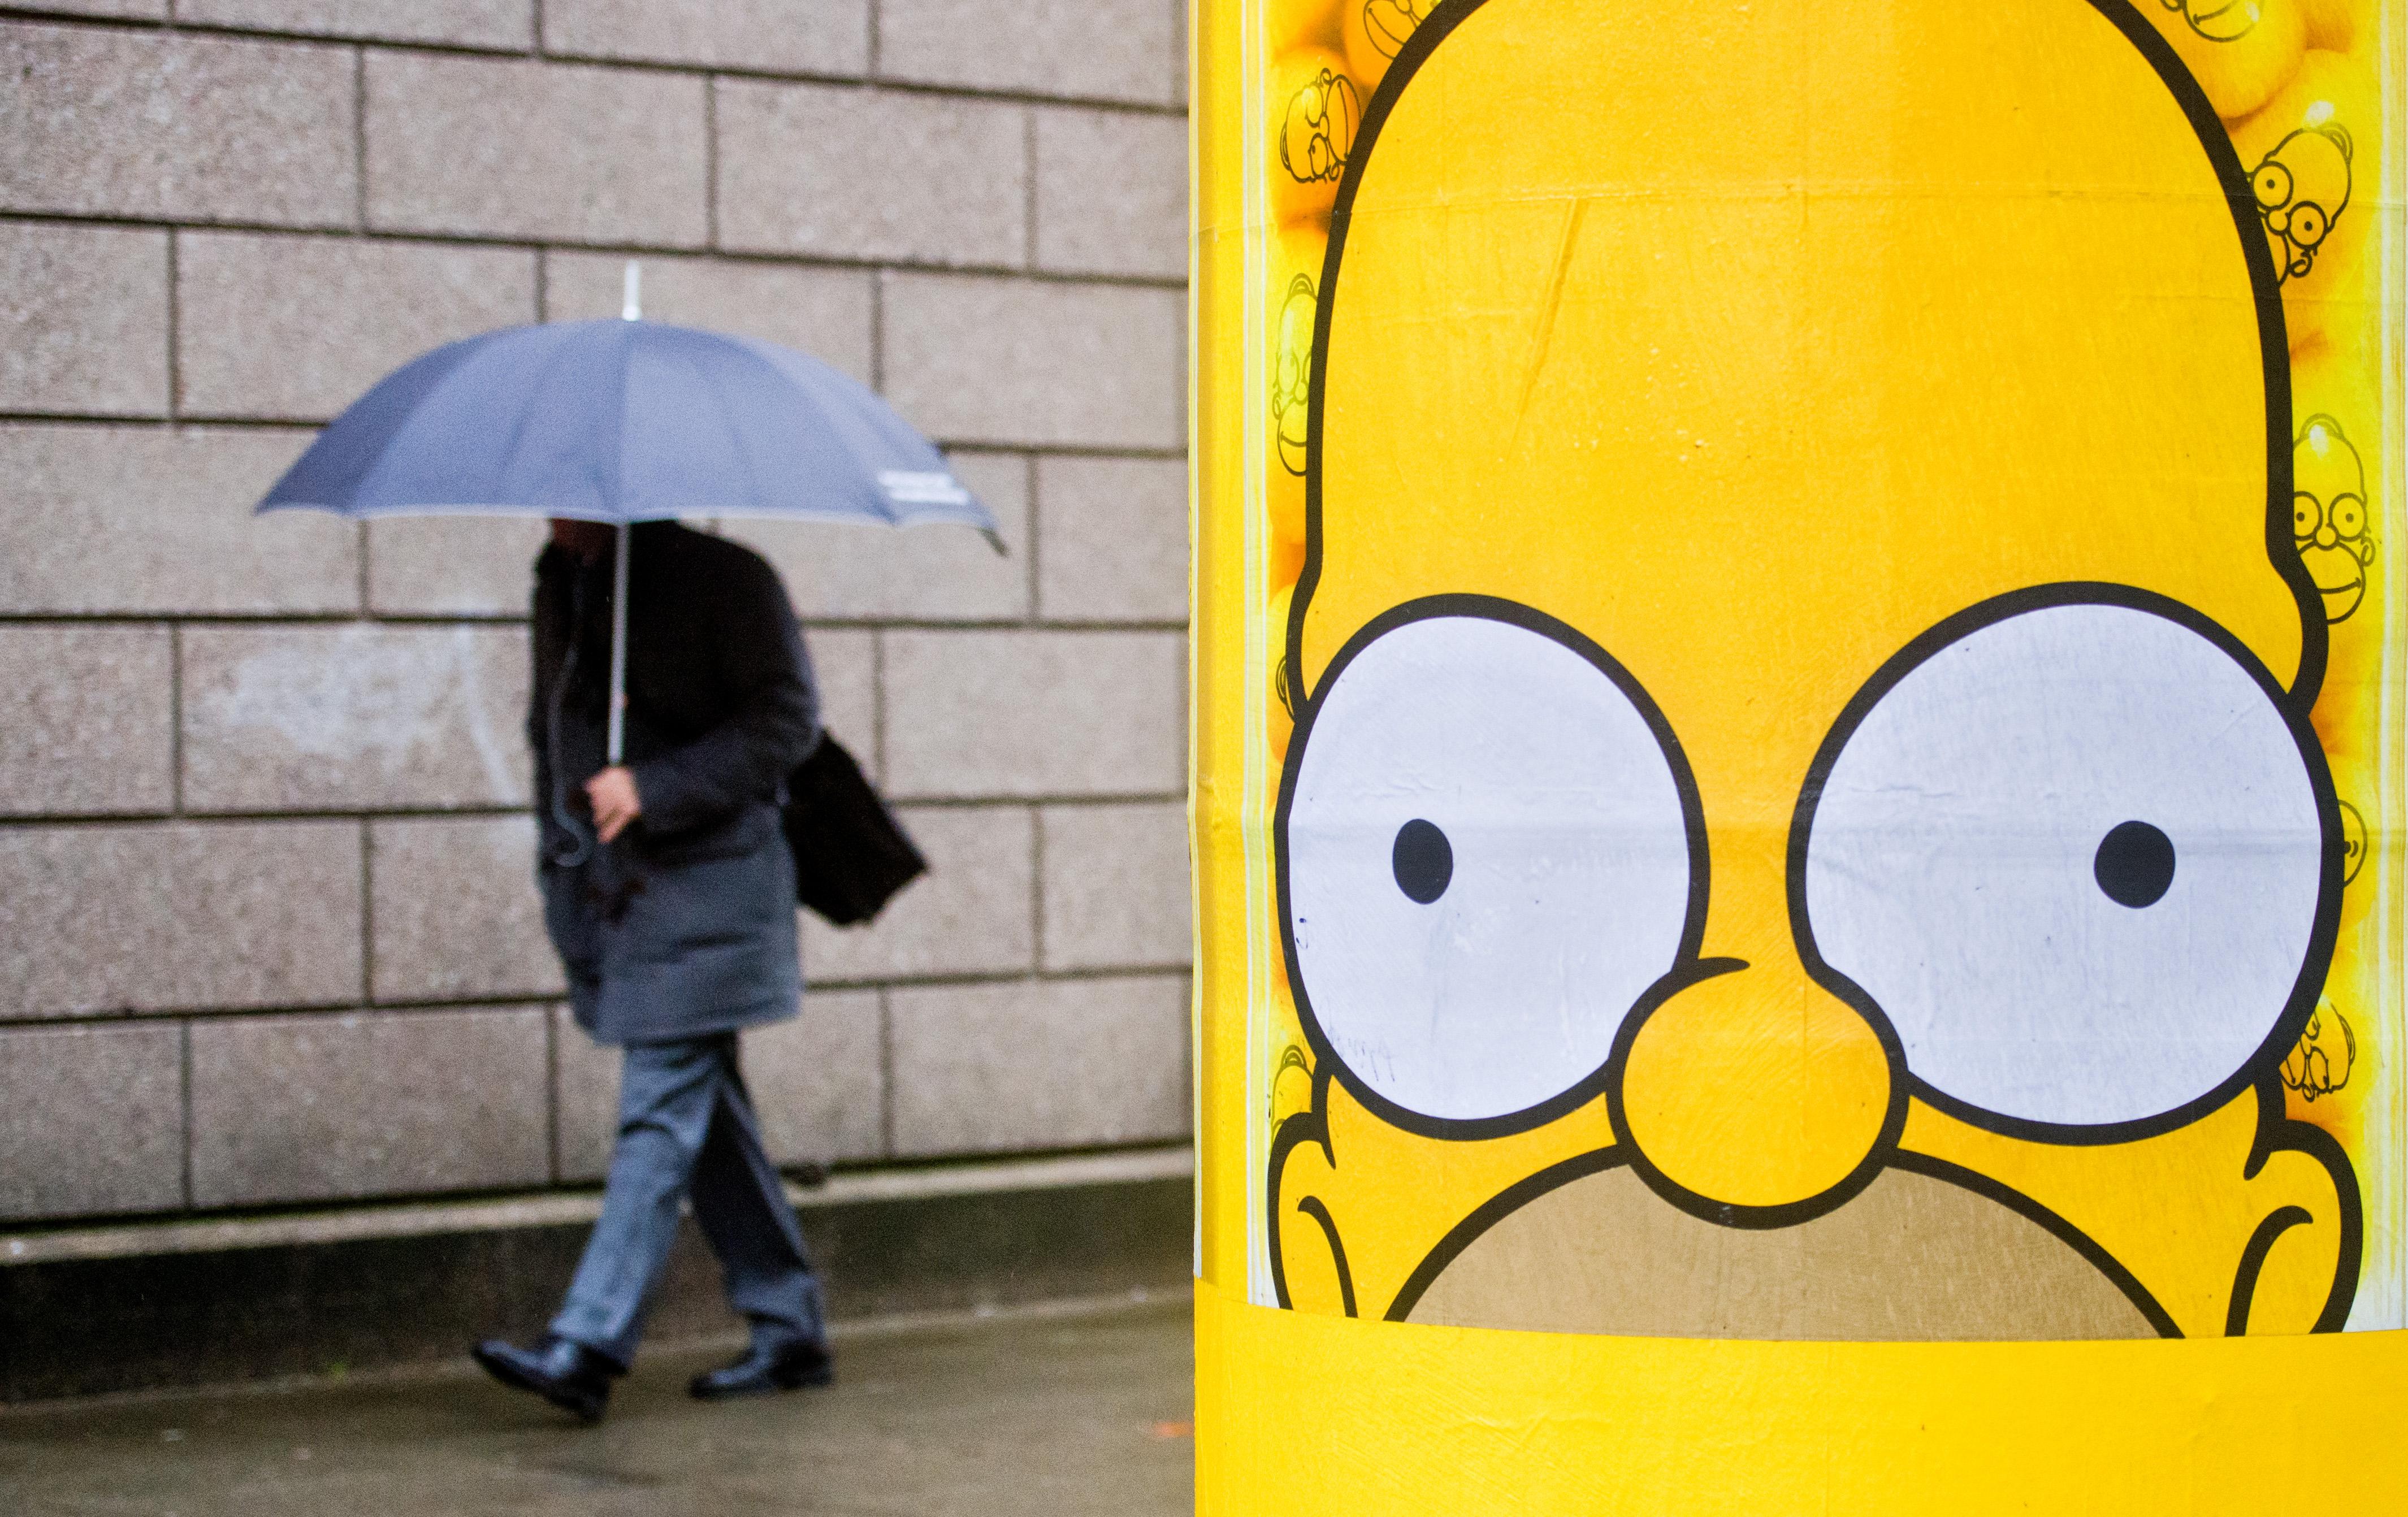 Rainy weather in Hanover